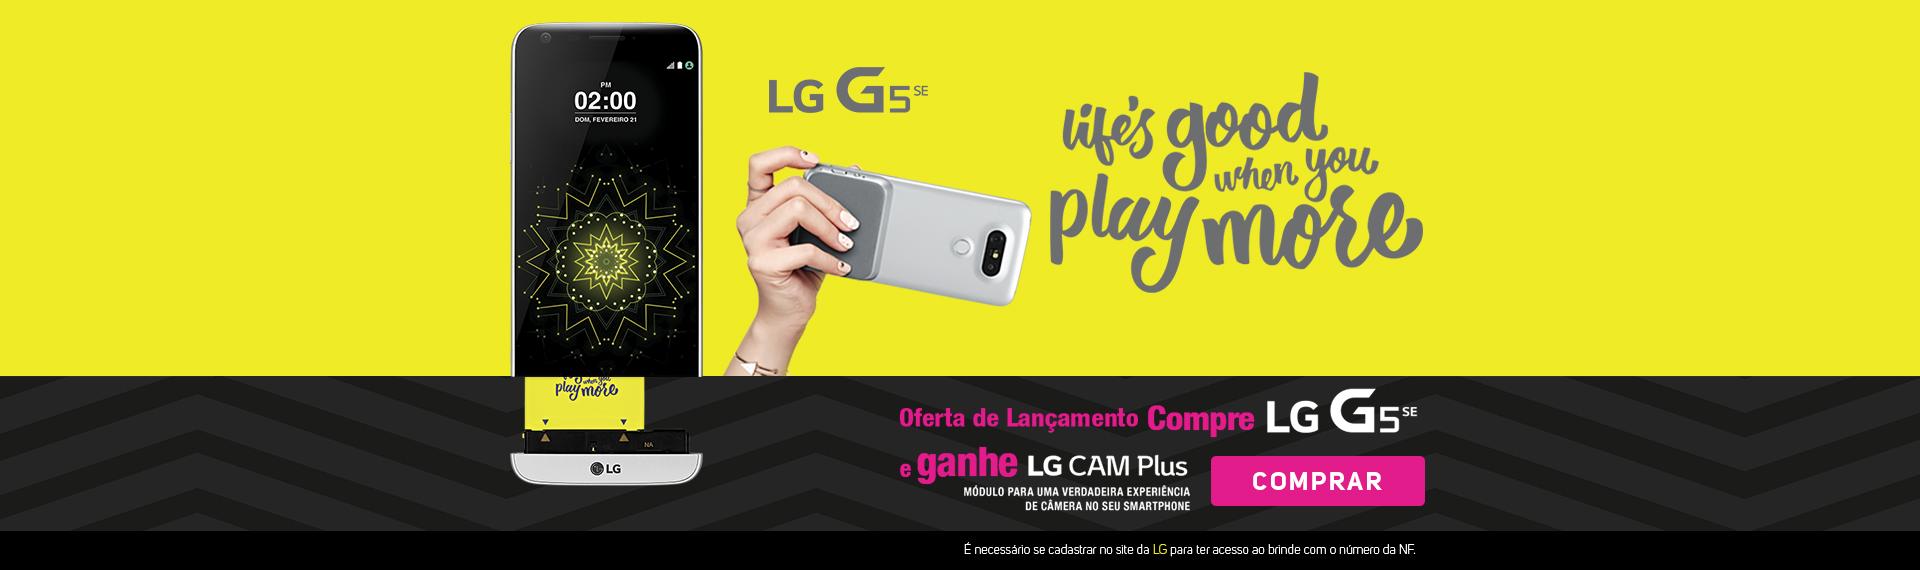 LG G5 COMPRE GANHE